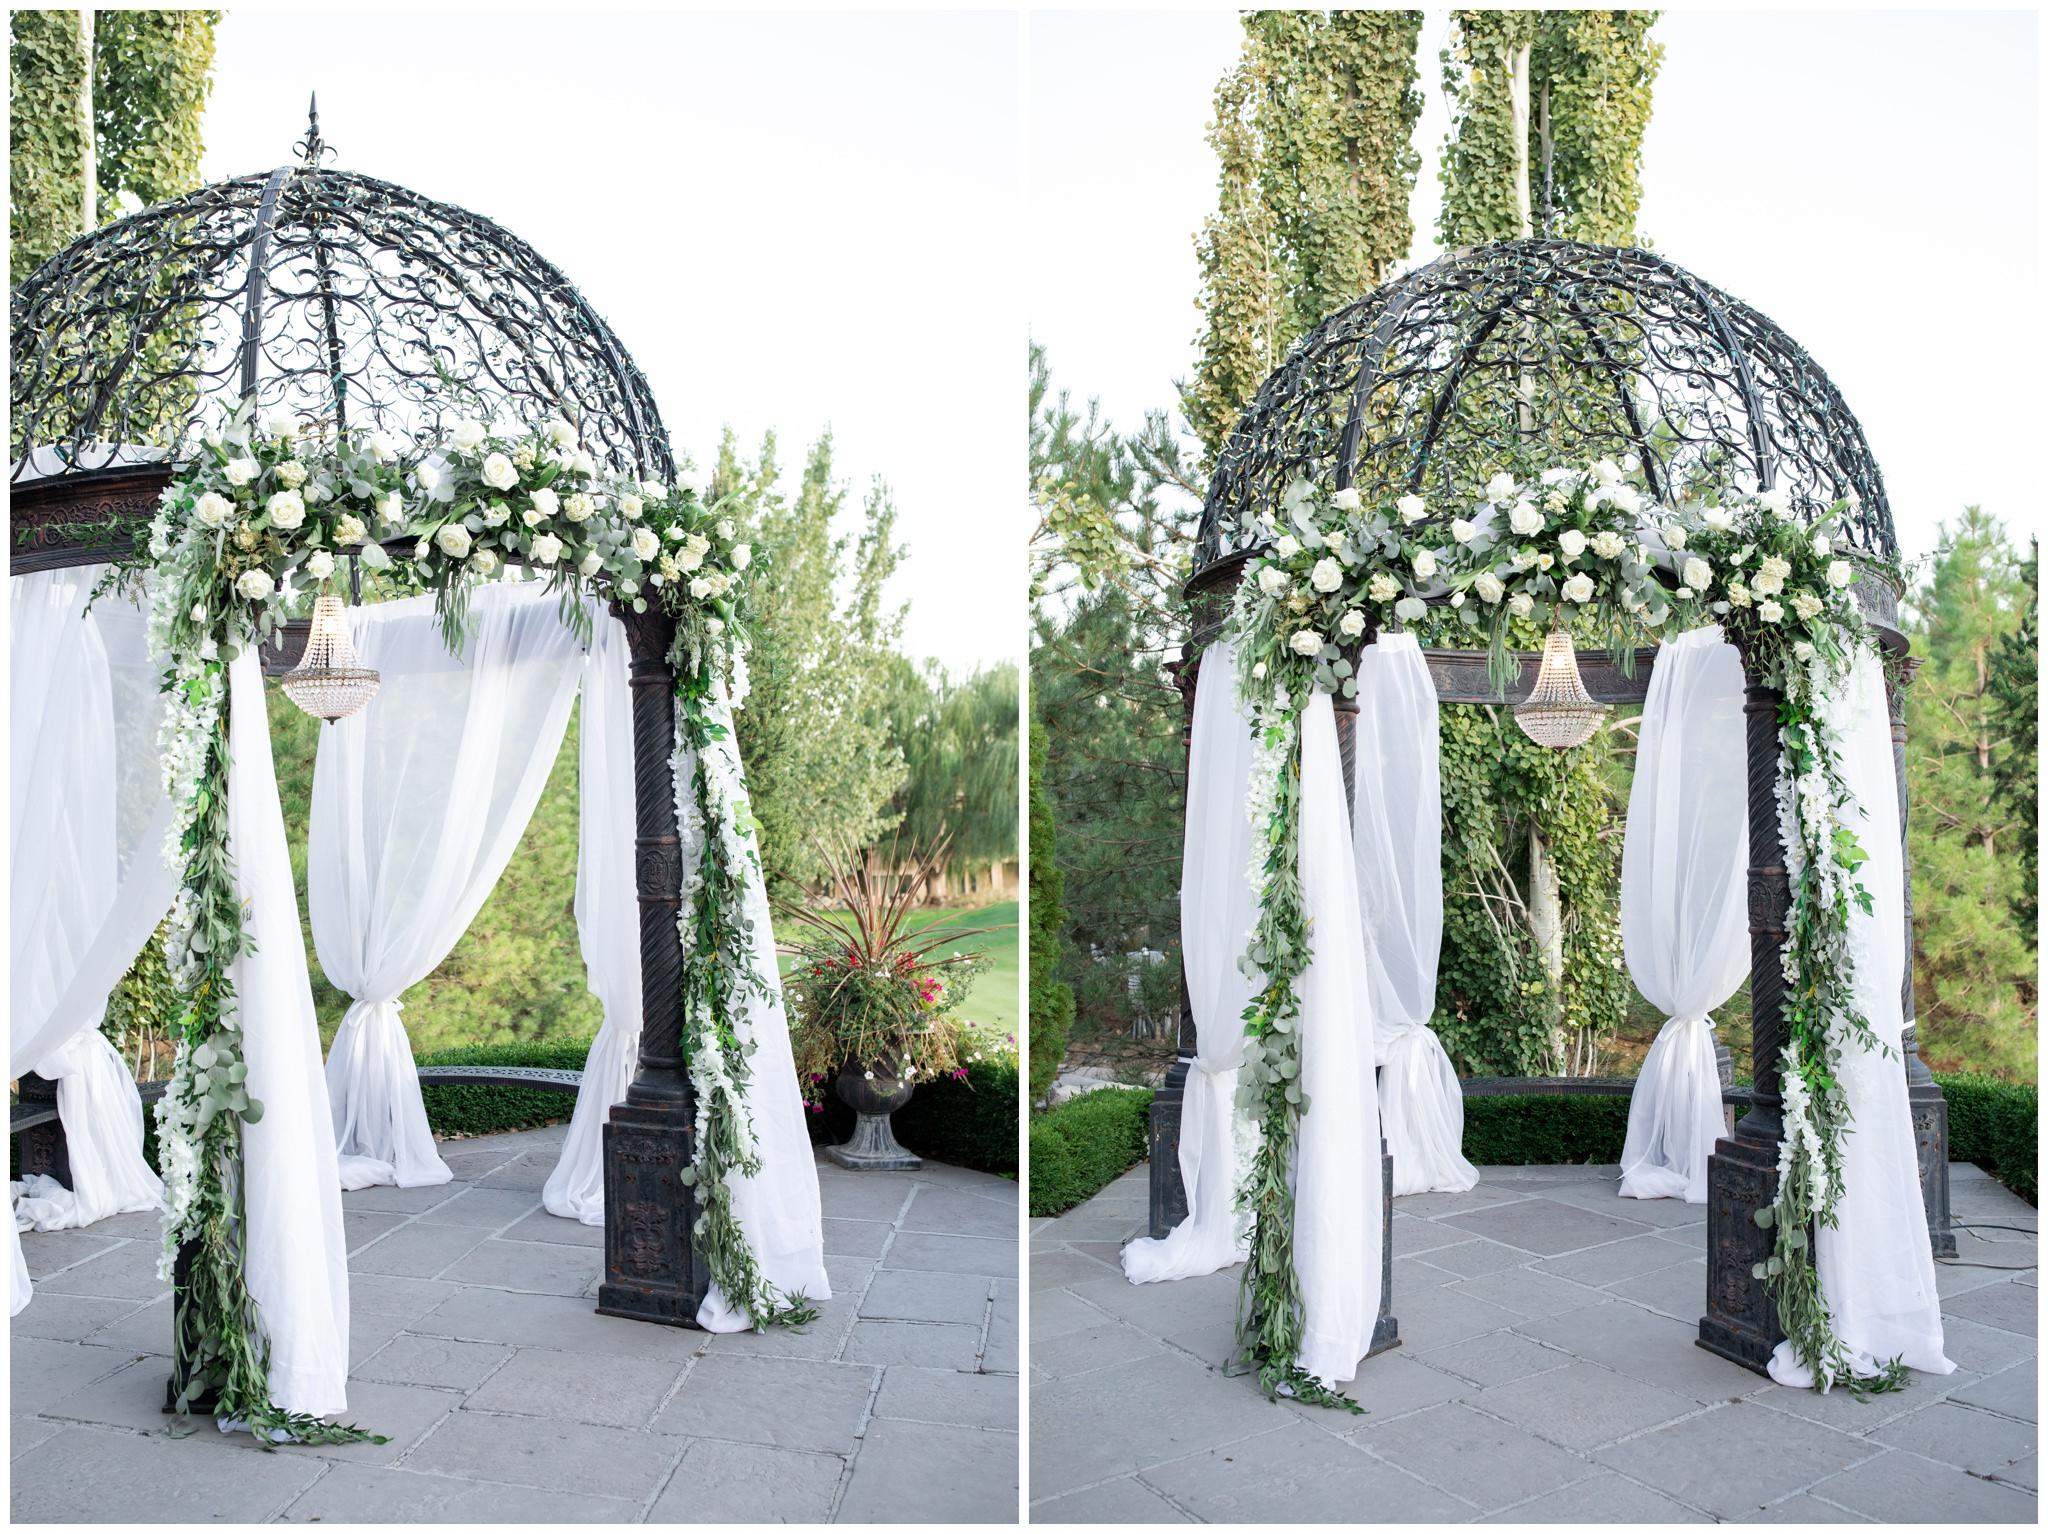 Gazebo floral arrangement by Nanette York Floral